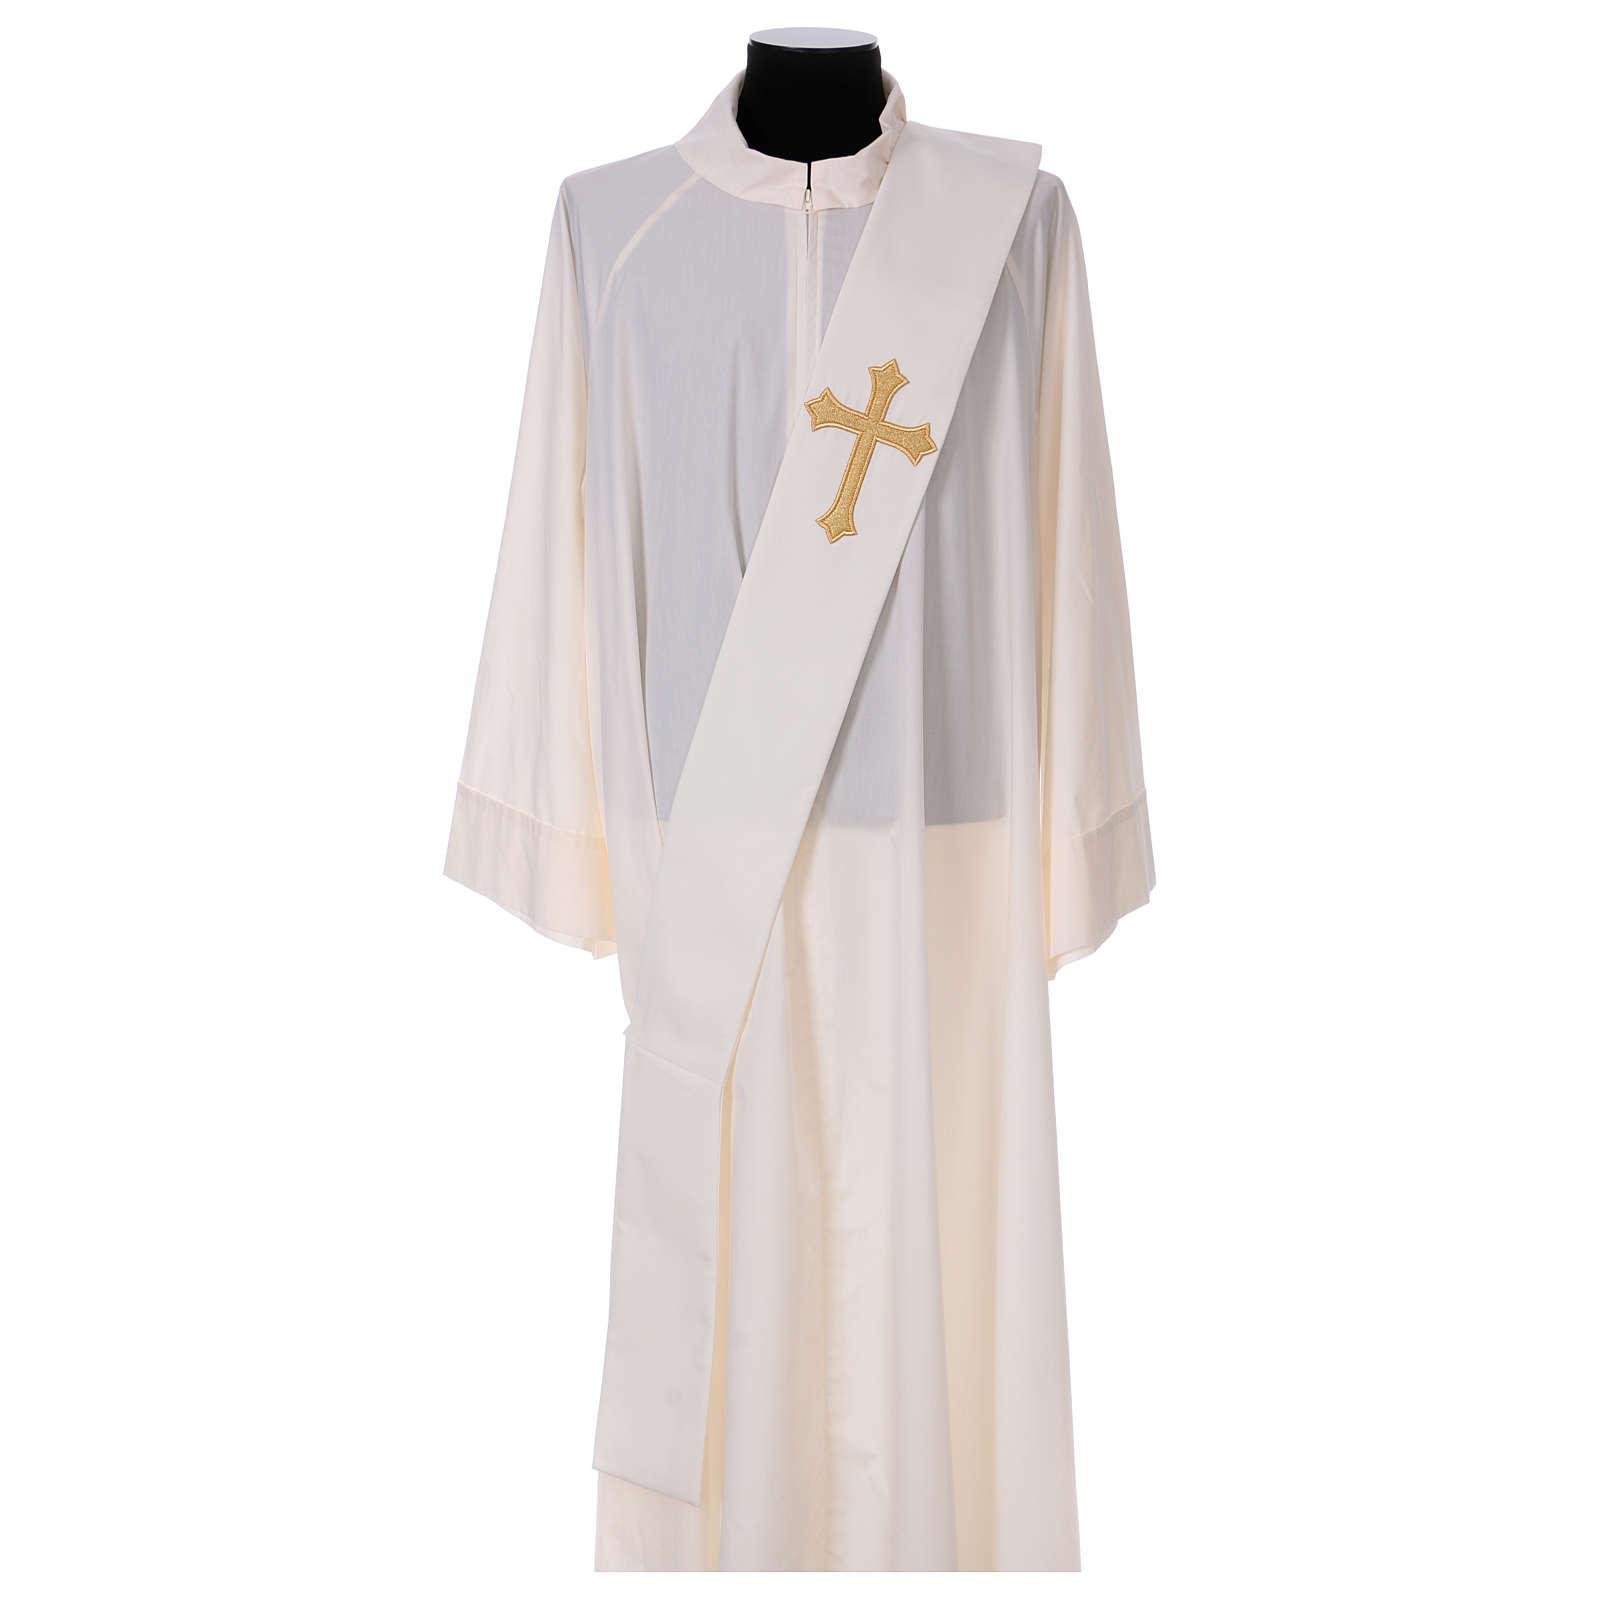 Stola diaconale avorio croce dorata in rilievo 80% poliestere 20% lana 4